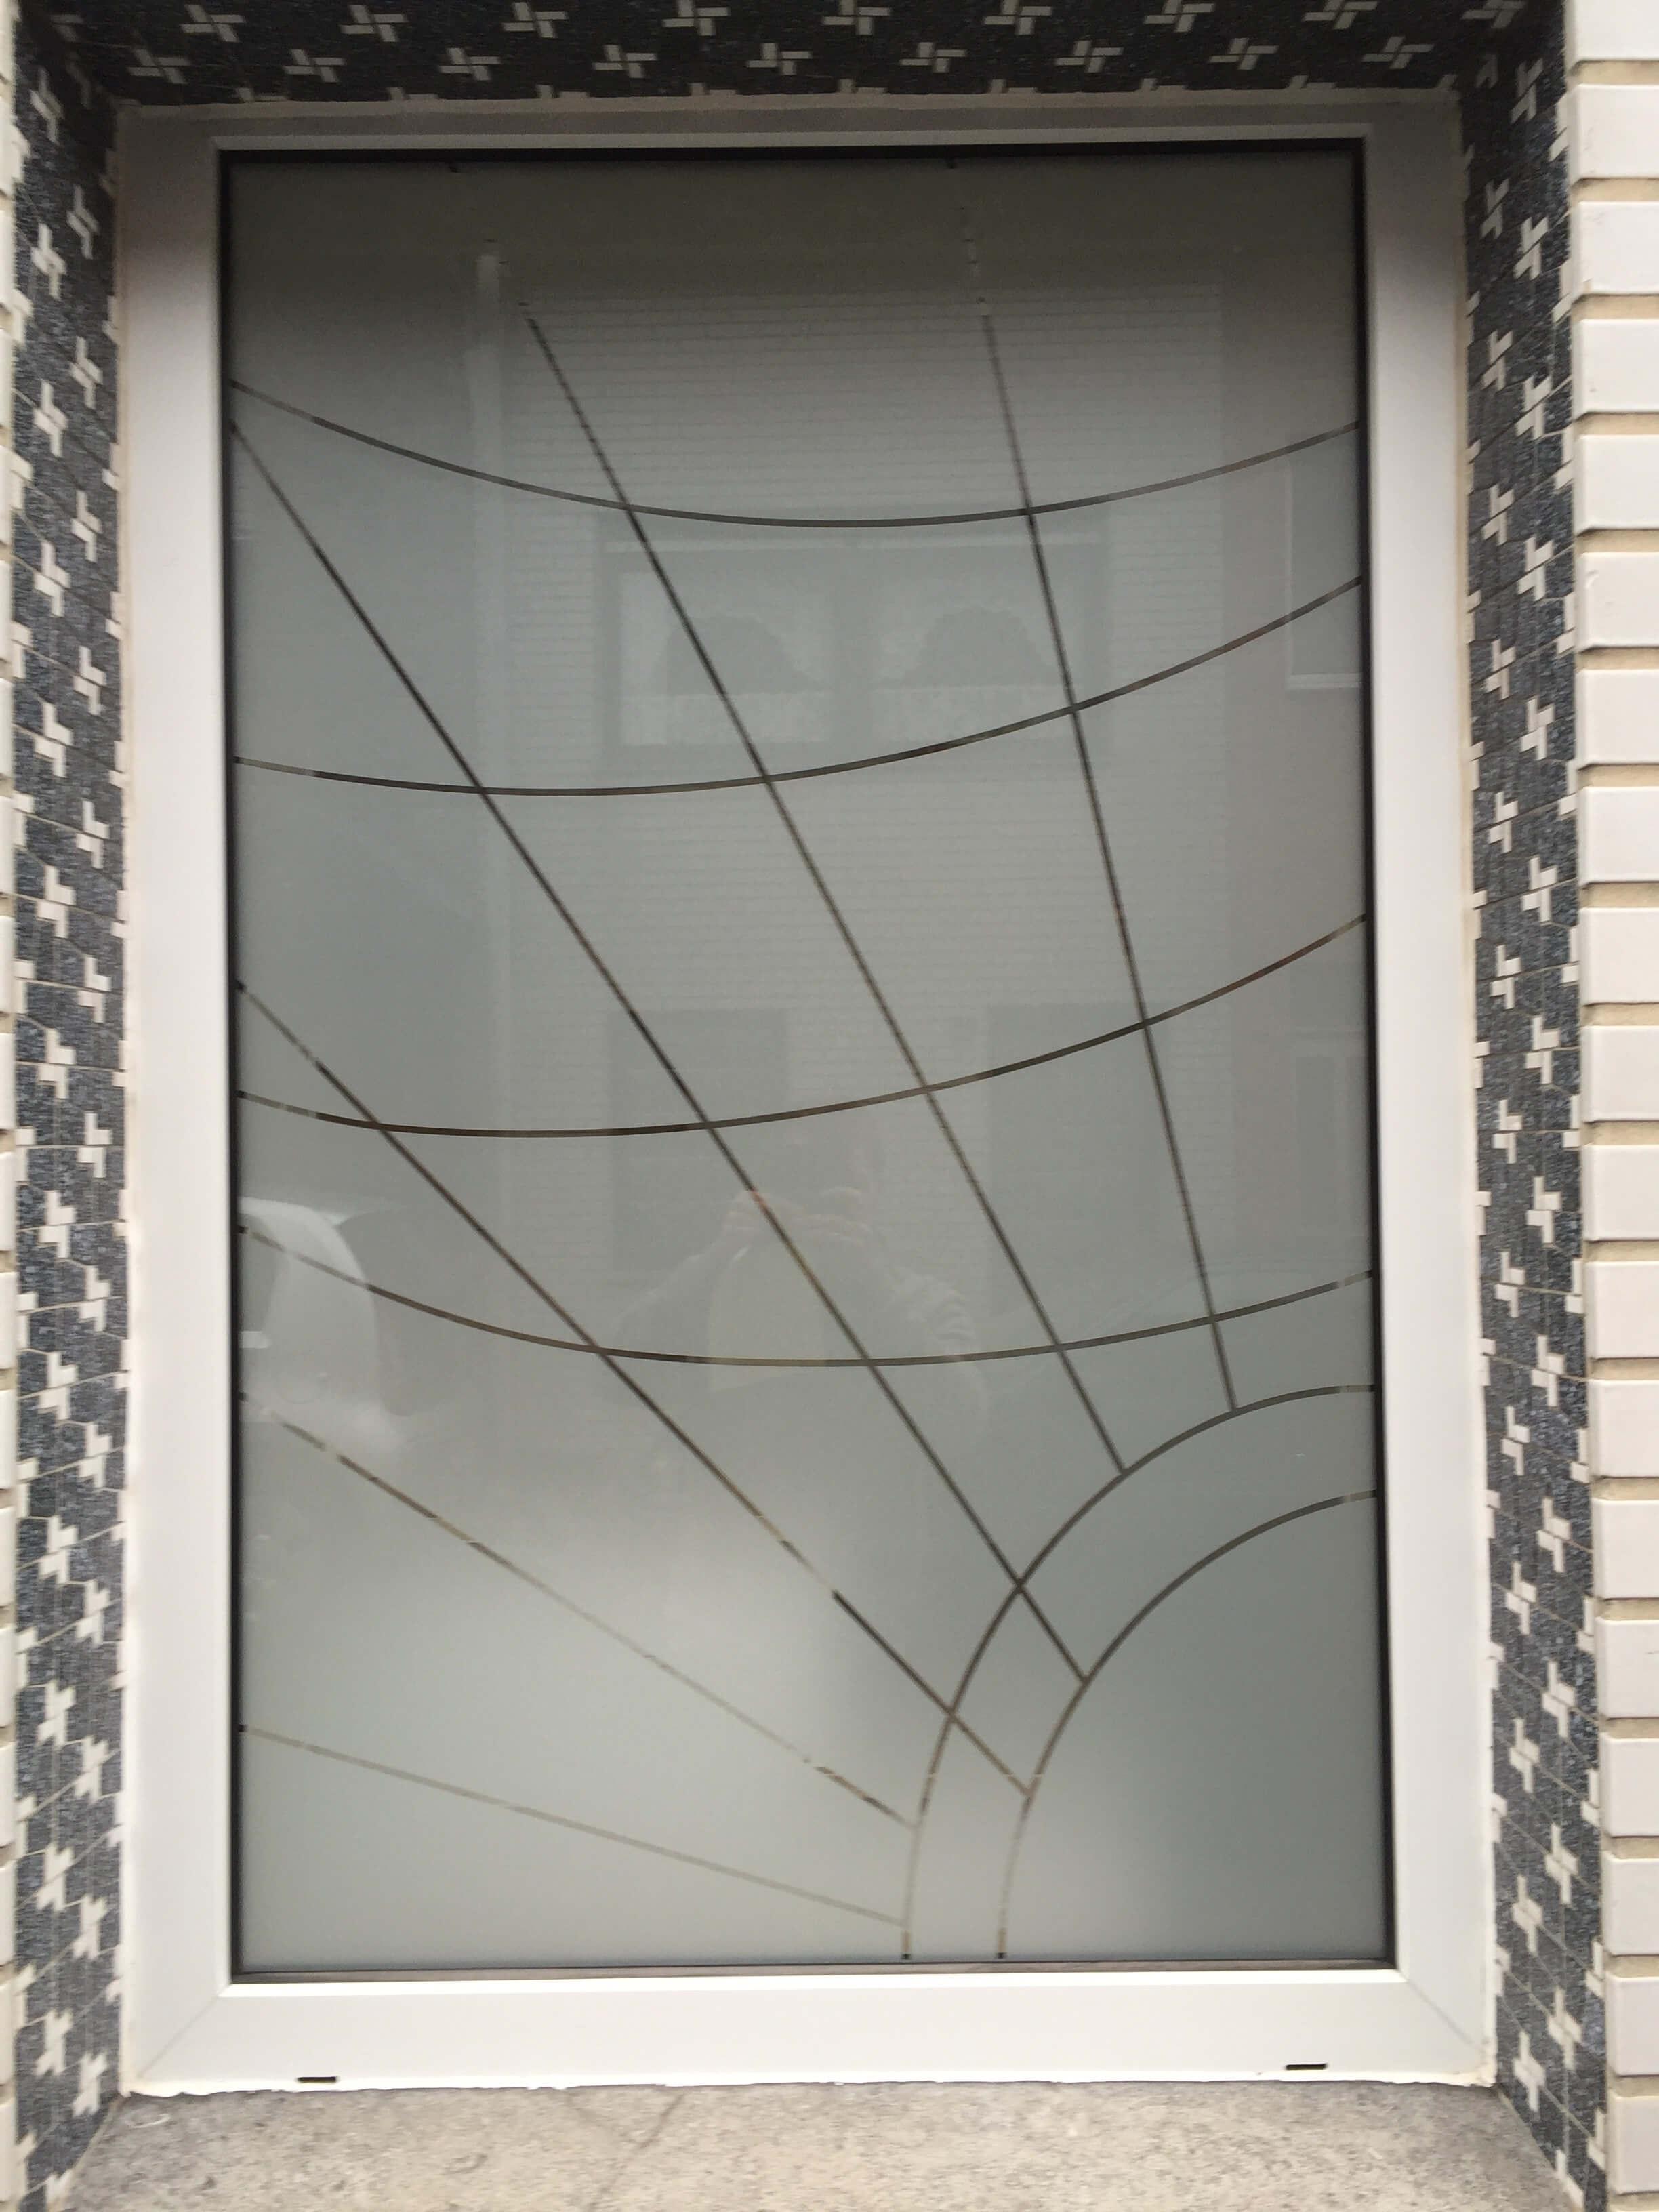 isolierglas glas goldschmidt gmbh co kg. Black Bedroom Furniture Sets. Home Design Ideas